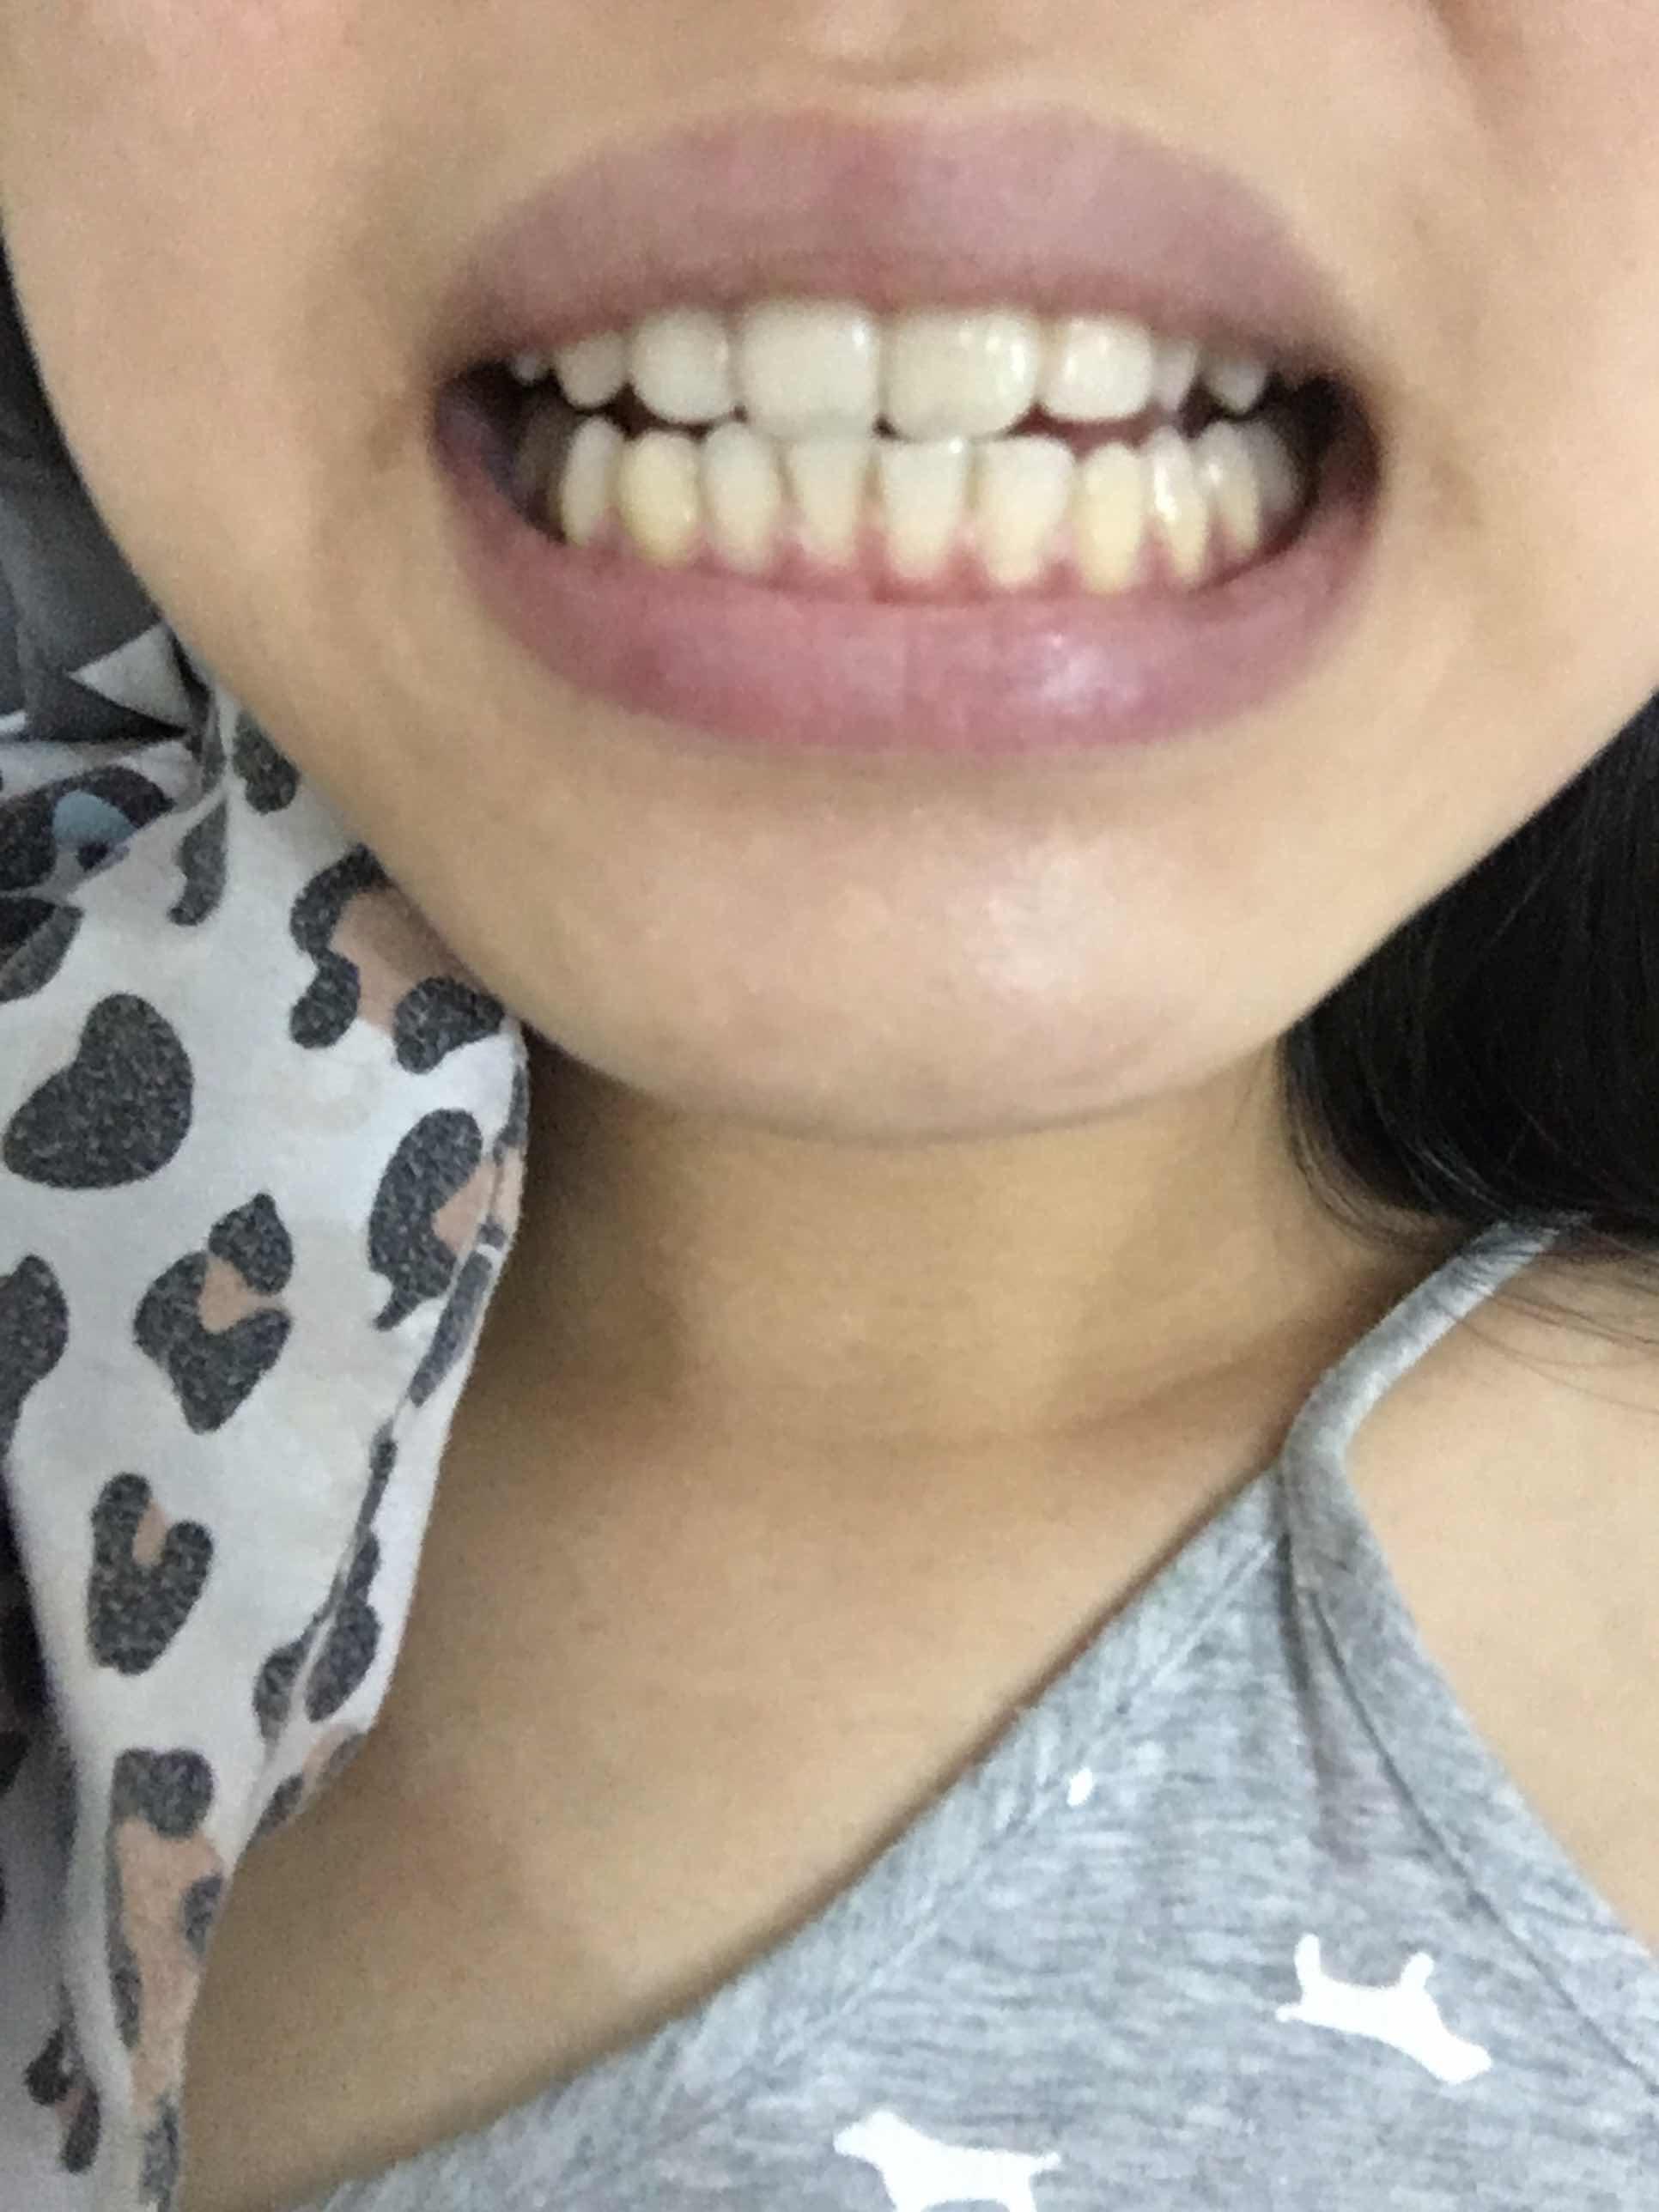 牙齿导致脸型不对称怎么办,请问下是否需要矫正?我的脸型有点不对称,不知道会不会是牙齿导致的?